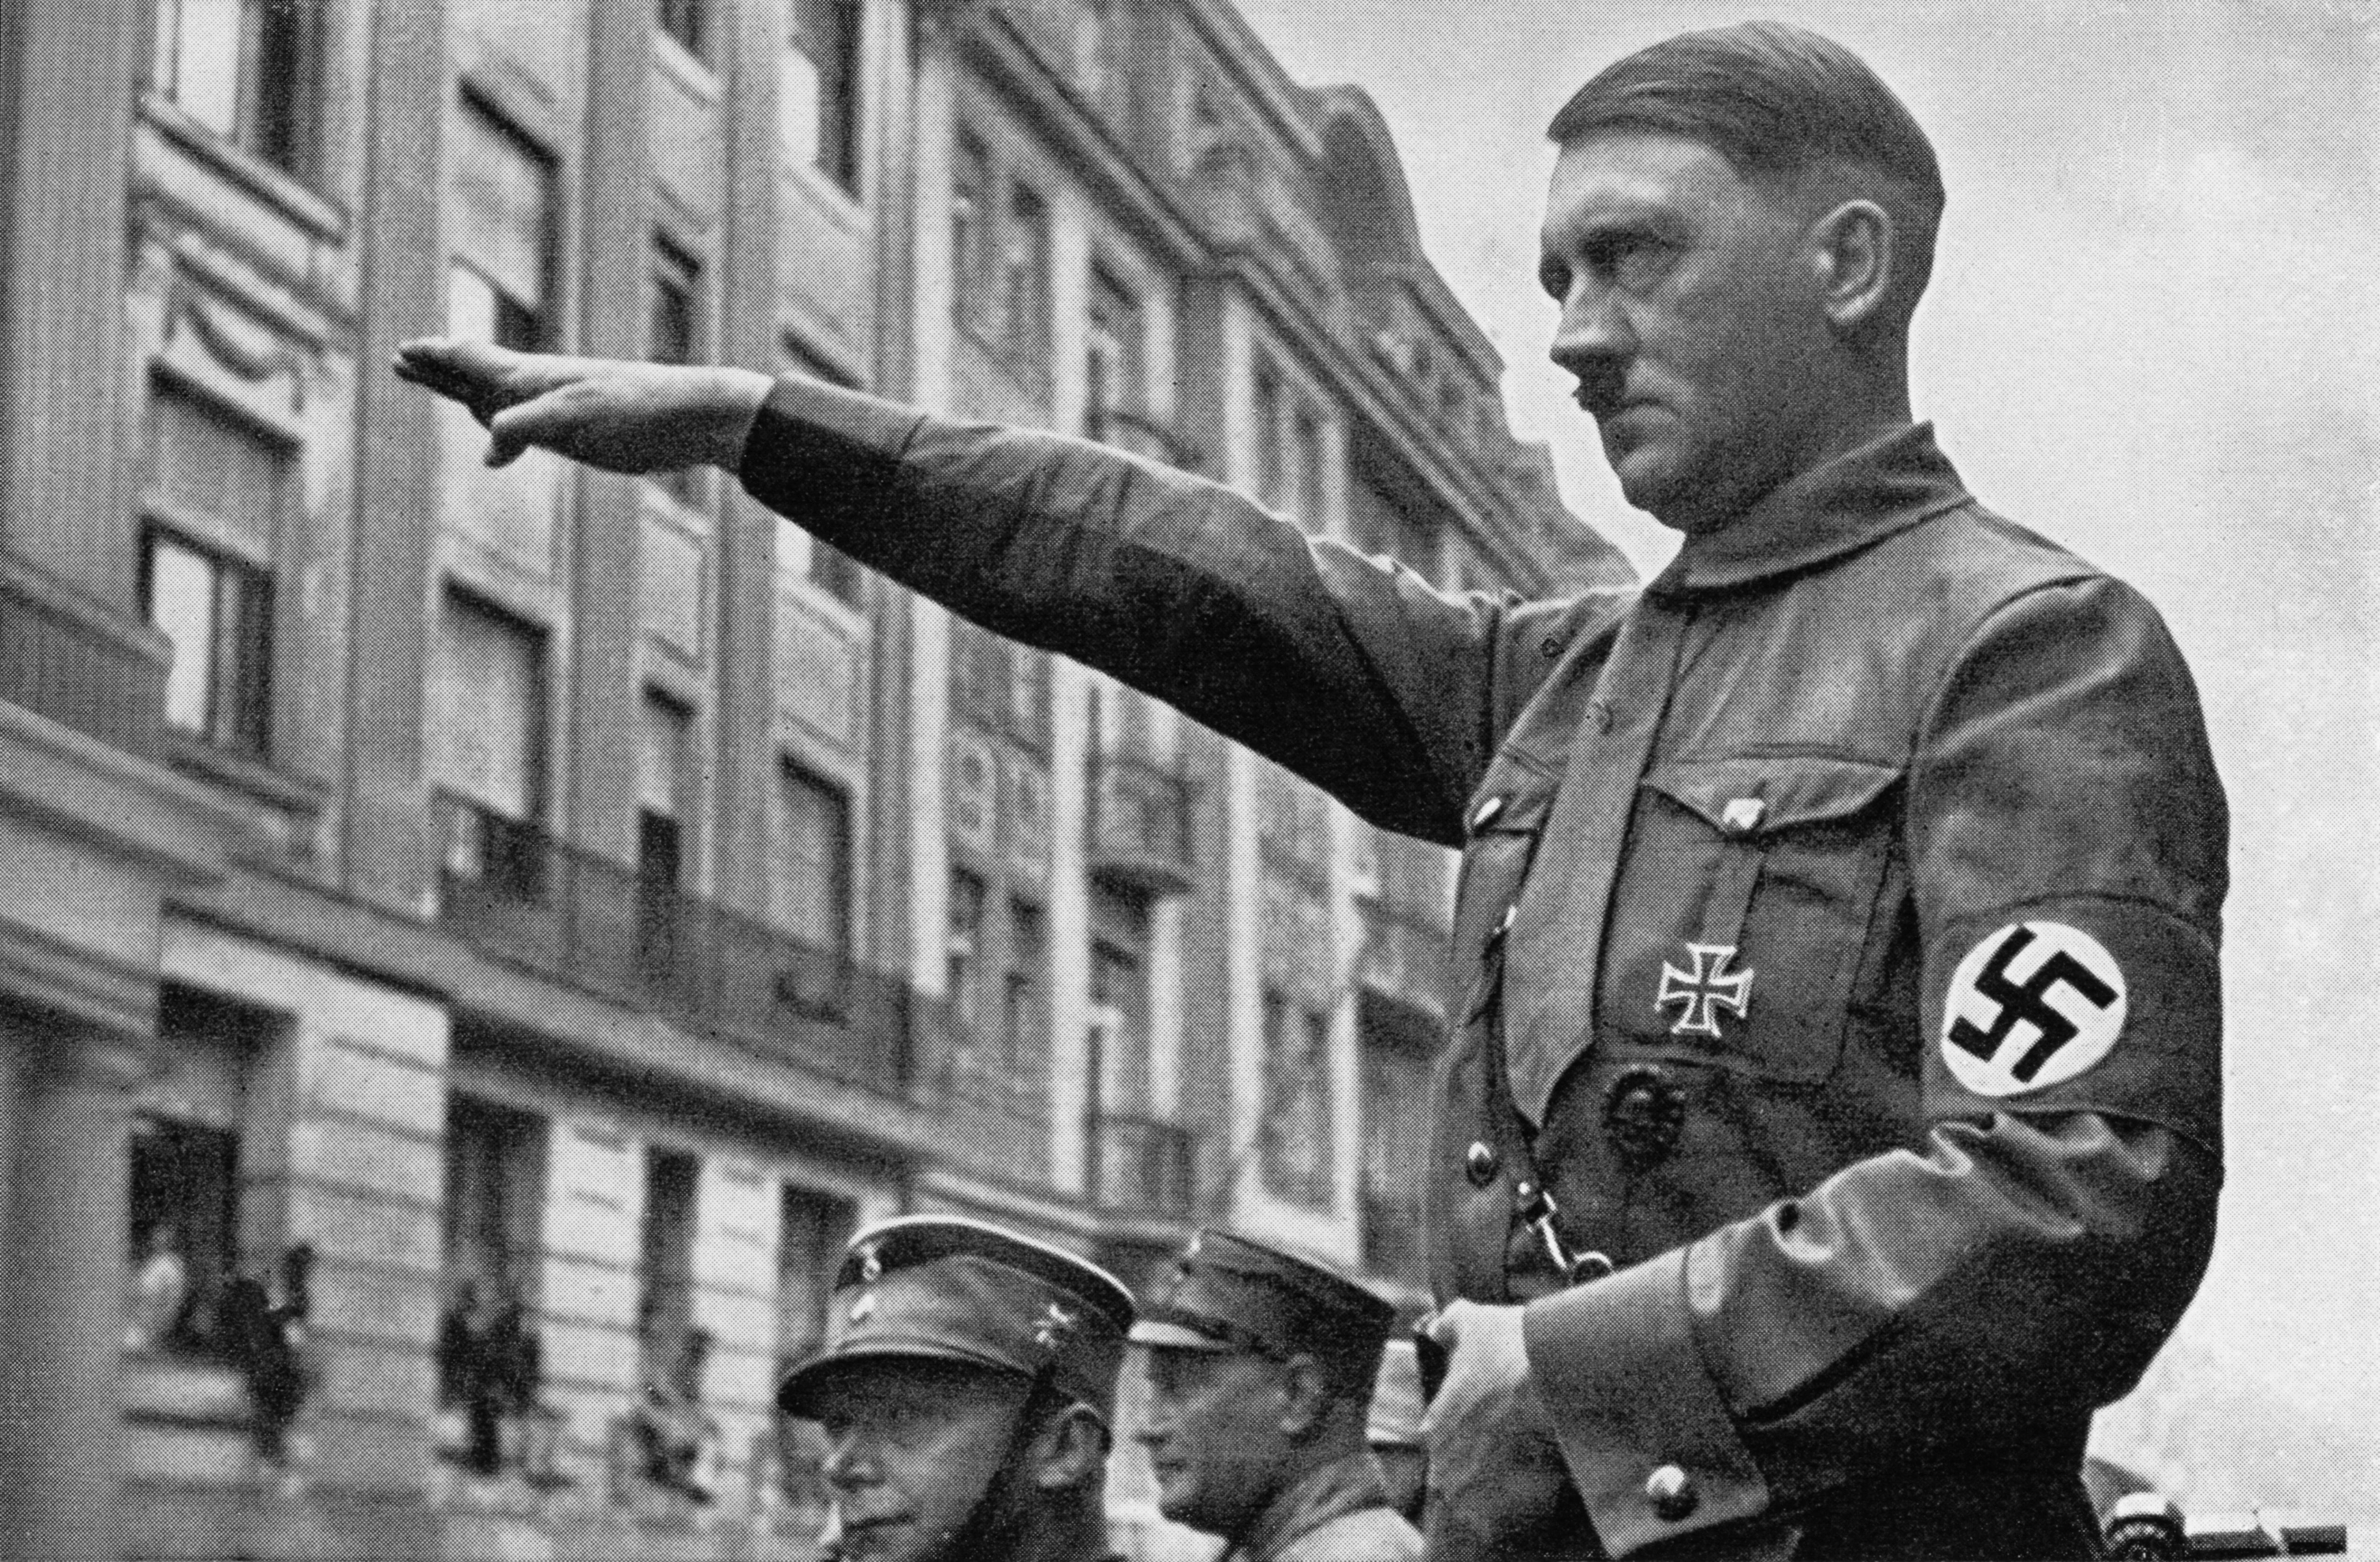 Нацистское приветствие — википедия с видео // wiki 2